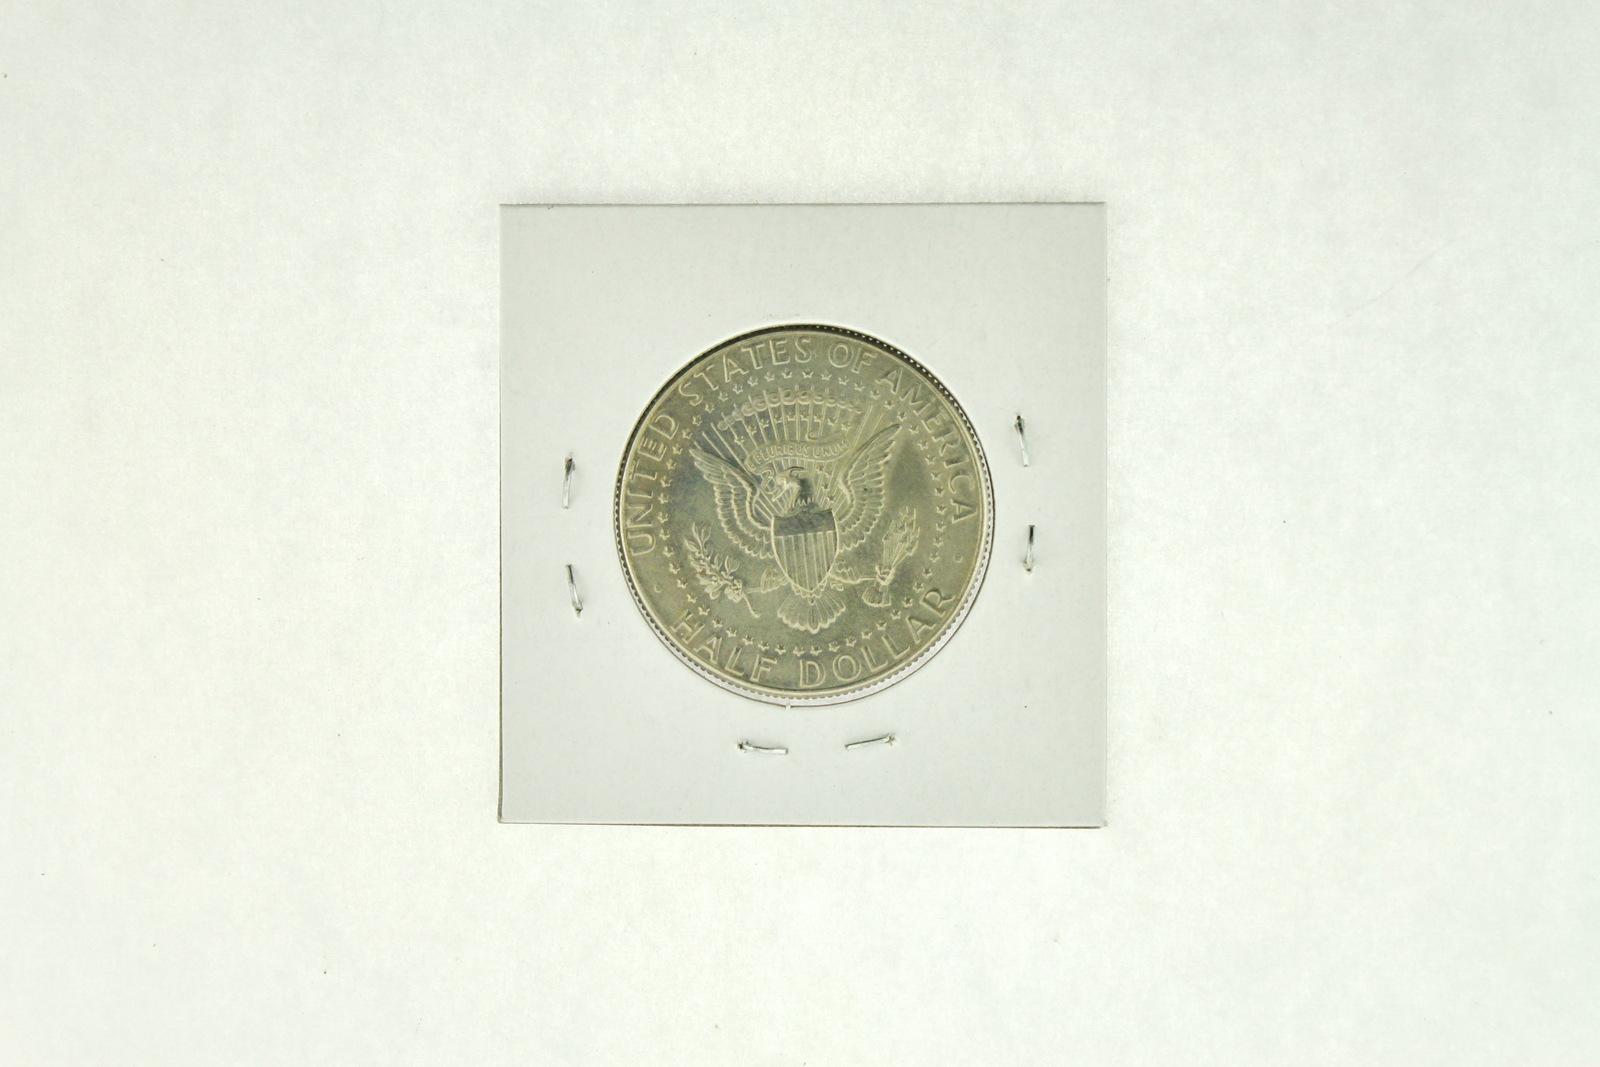 2001-D Kennedy Half Dollar (XF) Extremely Fine N2-4018-8